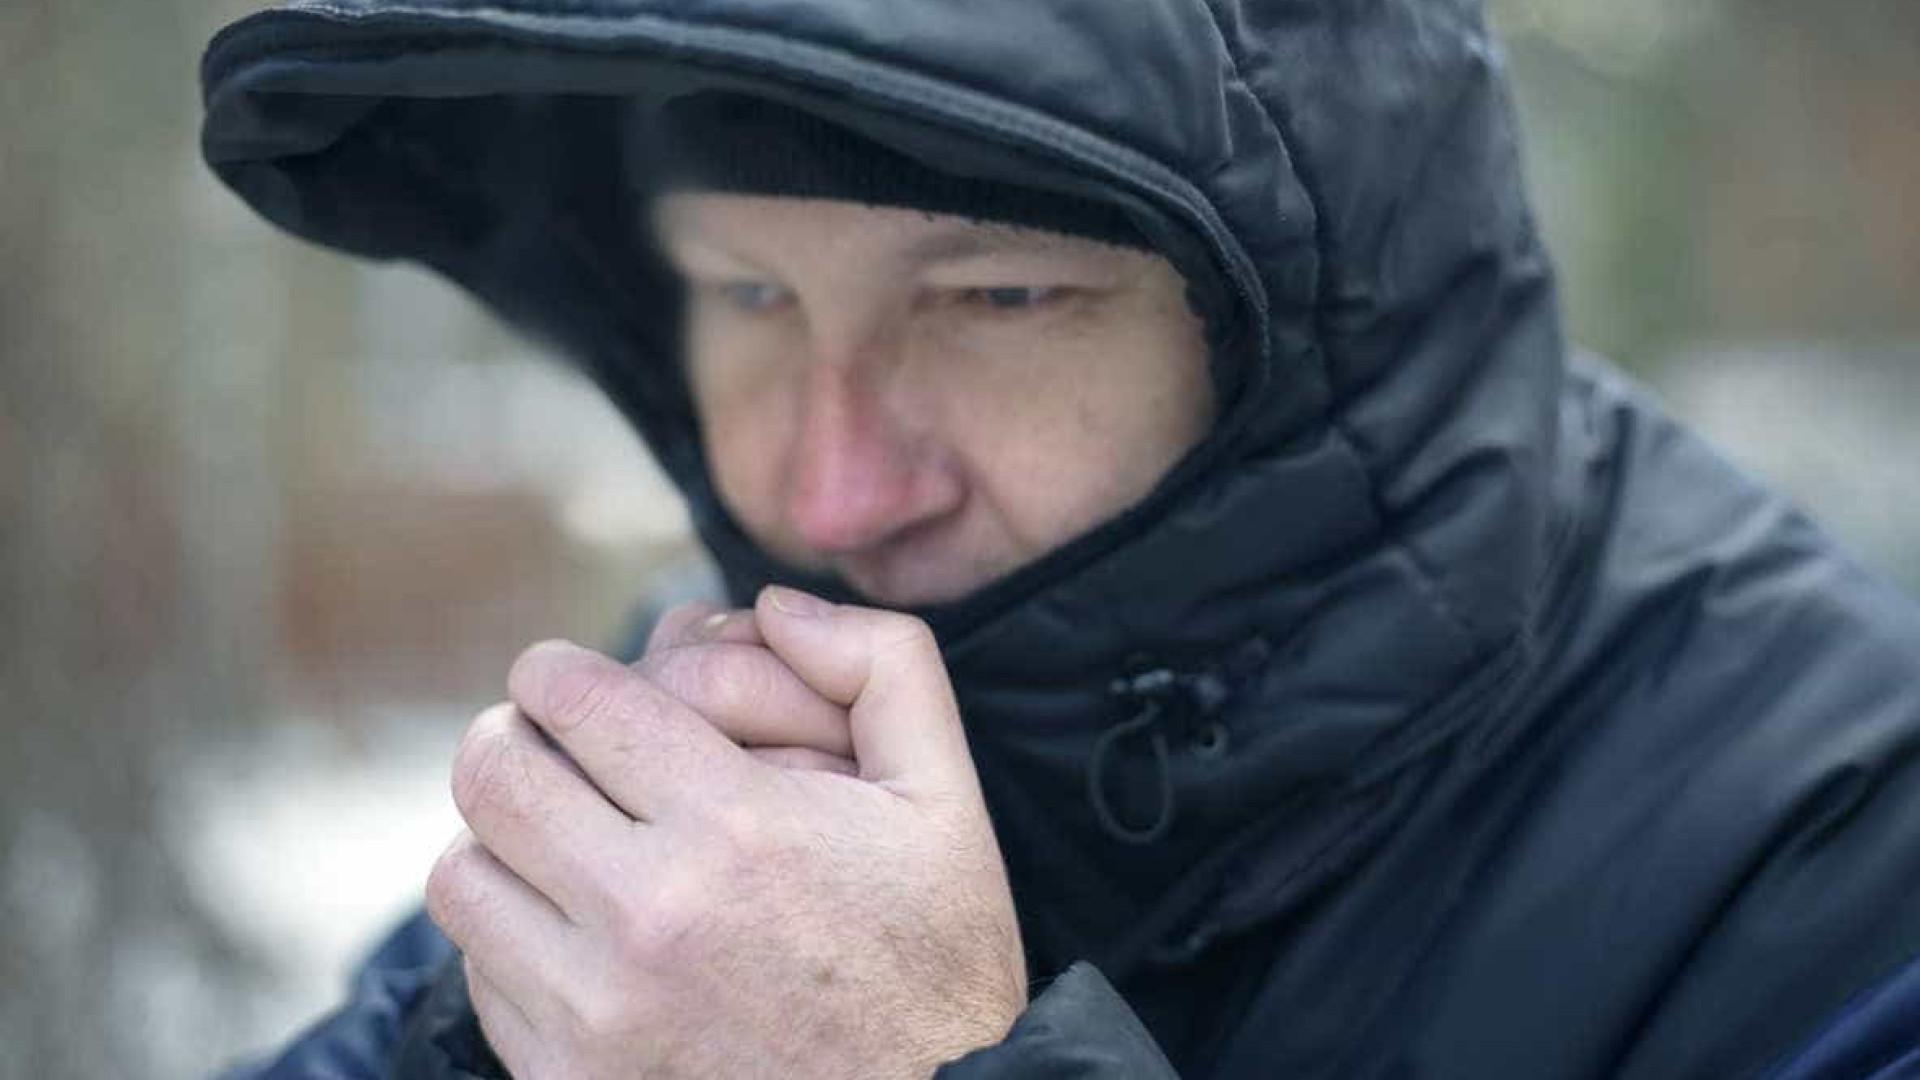 Temperaturas vão descer entre 4 a 8 graus devido a massa de ar polar